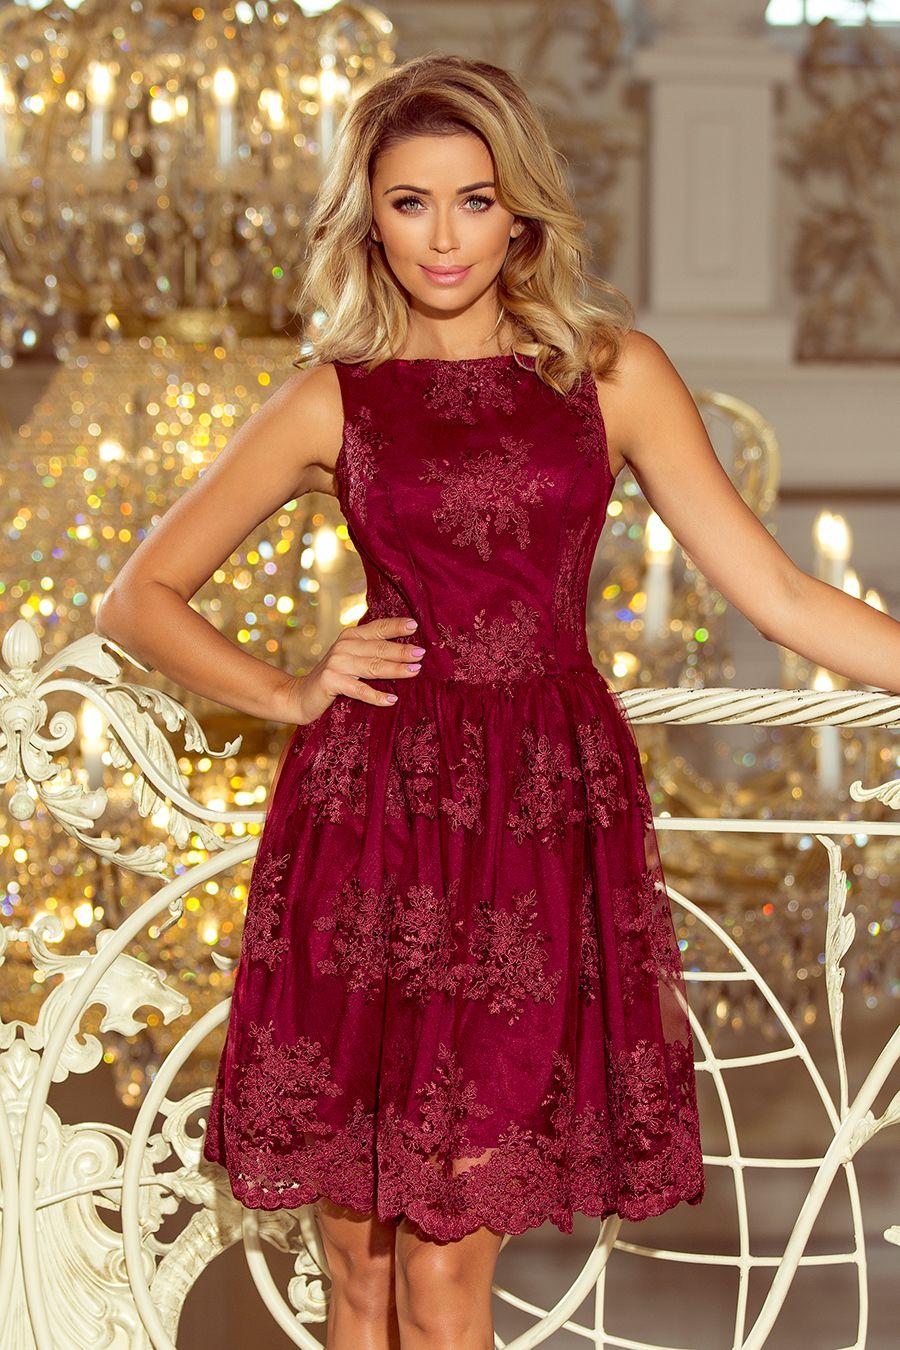 944fe1c28b Koronkowa bordowa rozkloszowana sukienka - bogato zdobiona. Marka numoco.  Polski producent odzieży. www.numoco.sklep.pl www.numoco.com